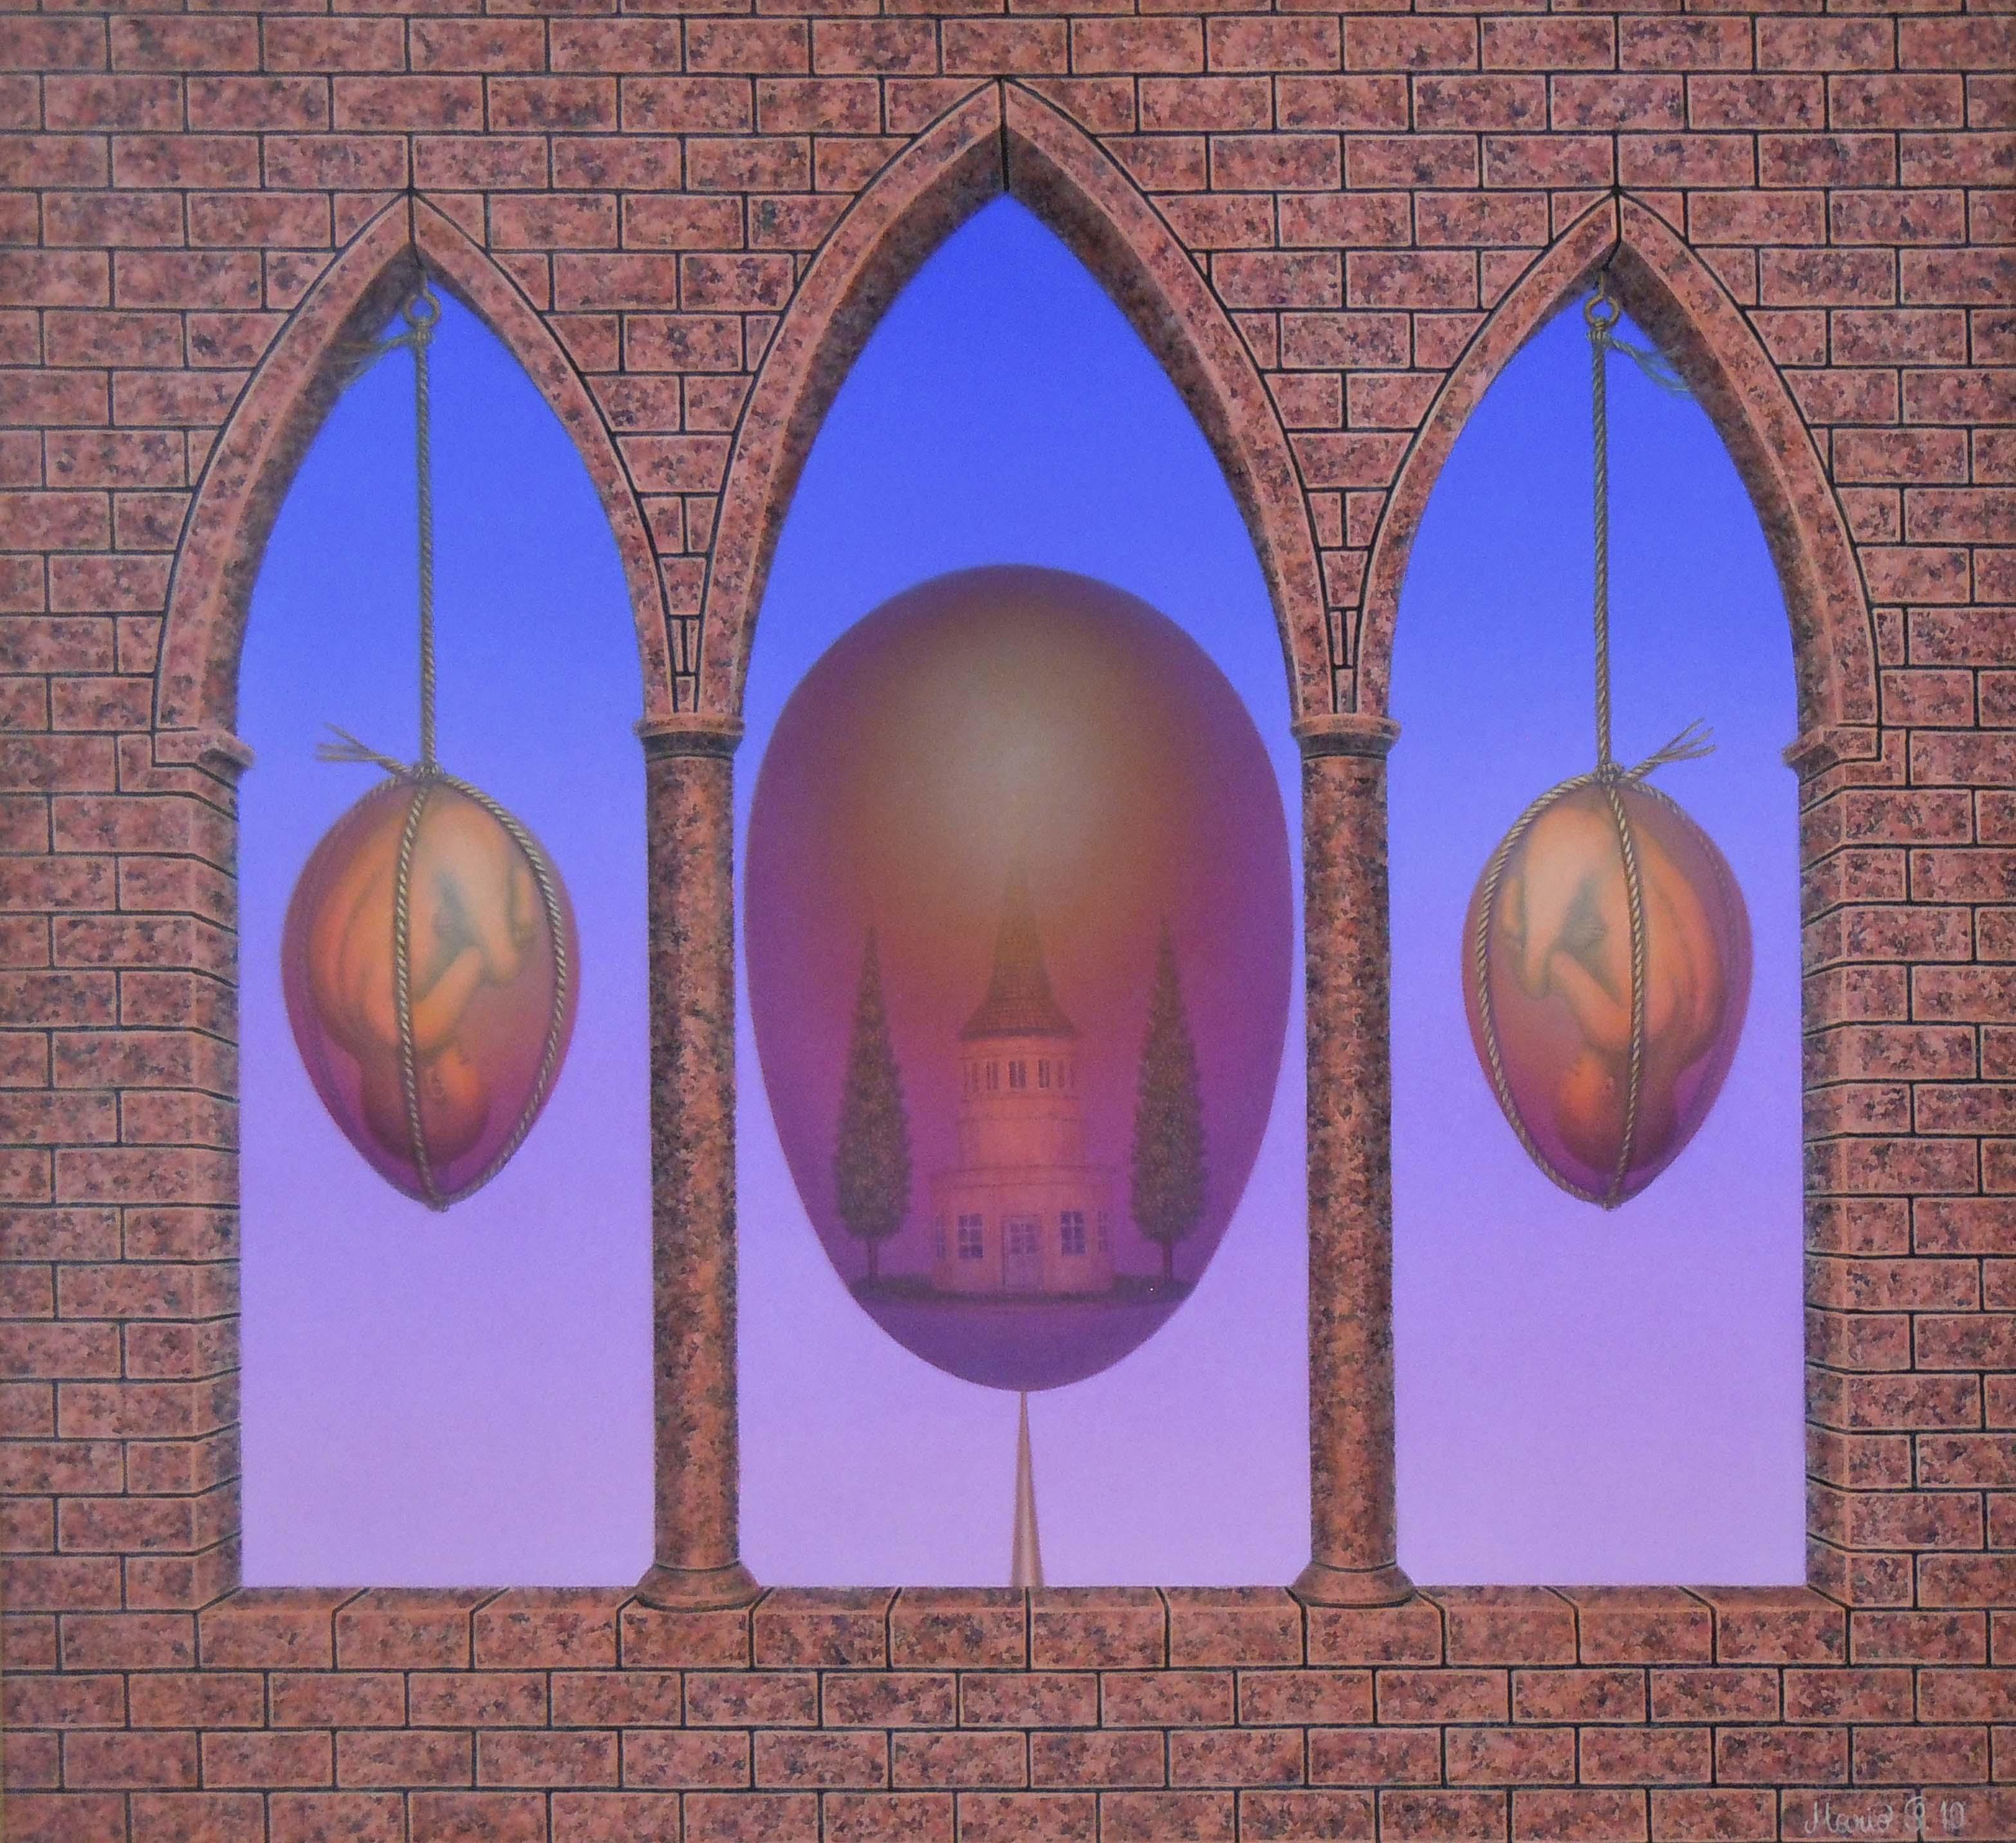 Mario Schleinzer: Kein gemeinsamer Zufluchtsort_Mario SCHLEINZER (34cmx38cm) Farbstift,Acryl-Harzölfarbe auf Hartfaserplatte | Art On Screen - [AOS] Magazine